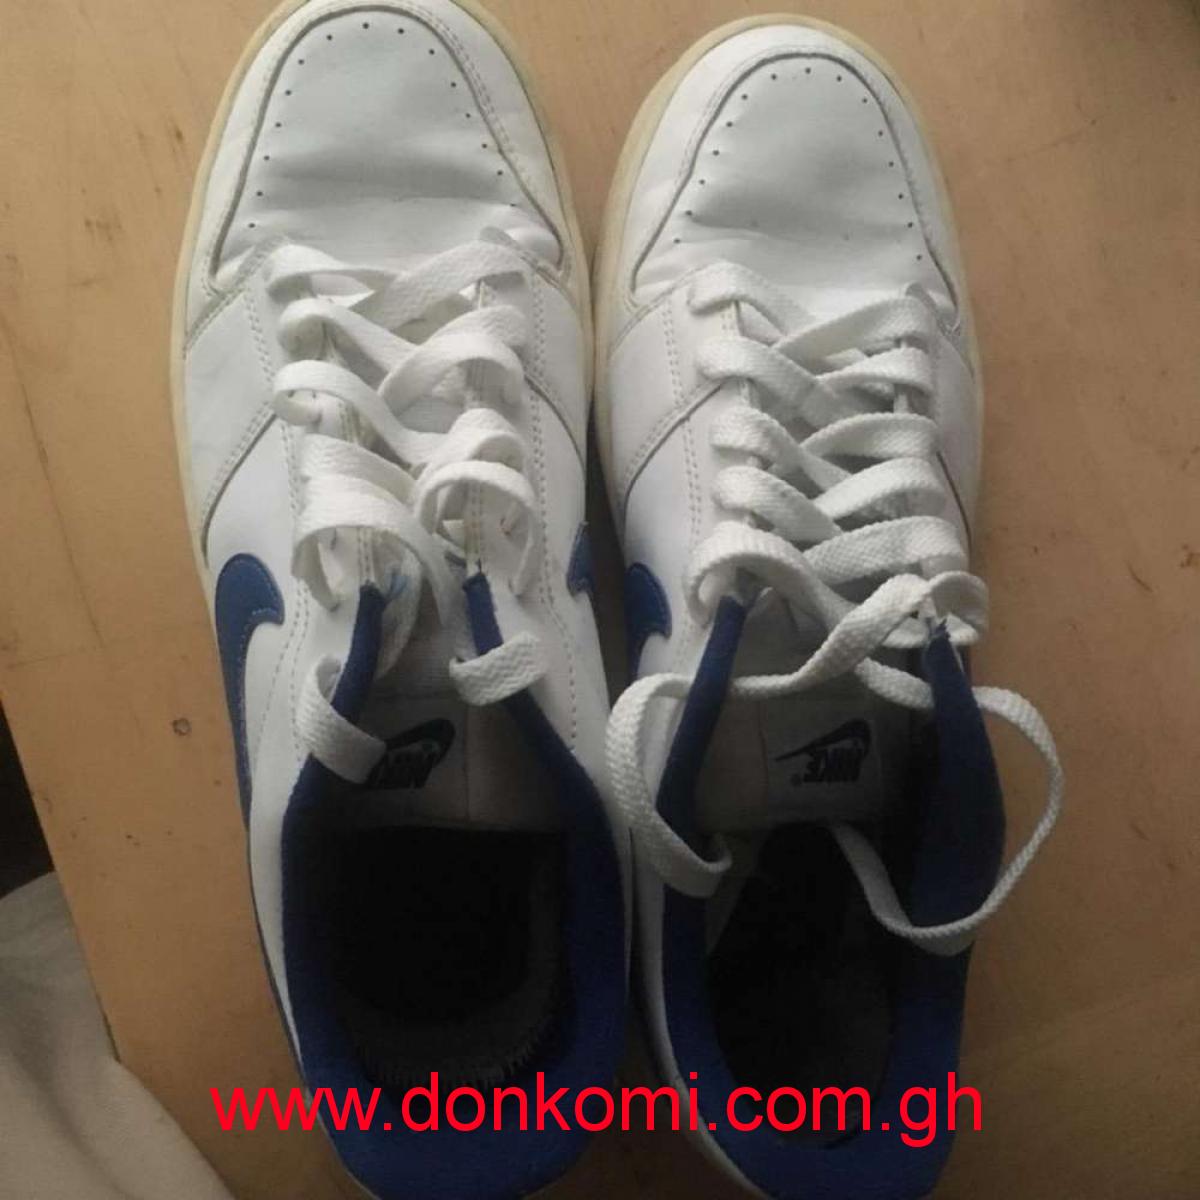 Nike footwear size 43